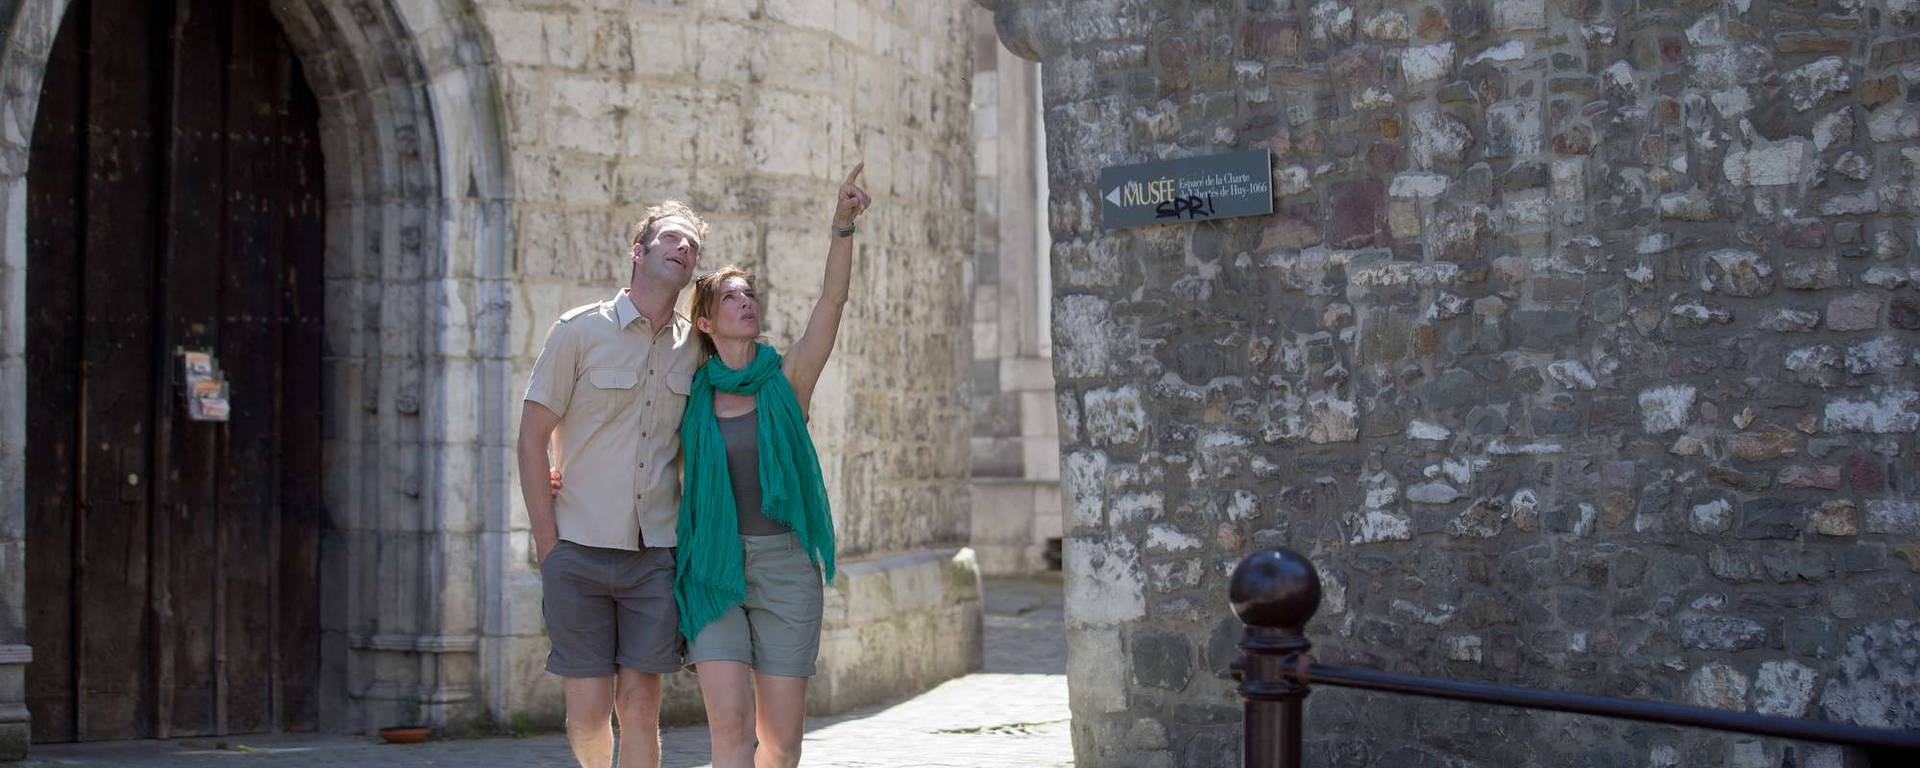 Un couple se promenant dans le vieux Huy